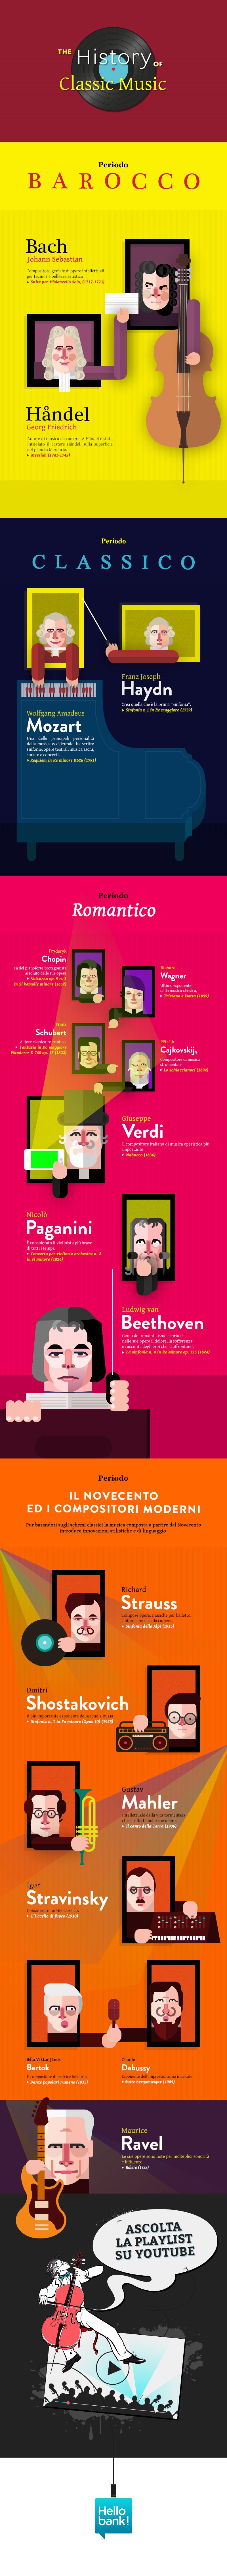 Continua il viaggio tra i generi musicali. Dopo le infografiche sul rock e il metal è il momento dell'infografica sulla storia della musica classica.